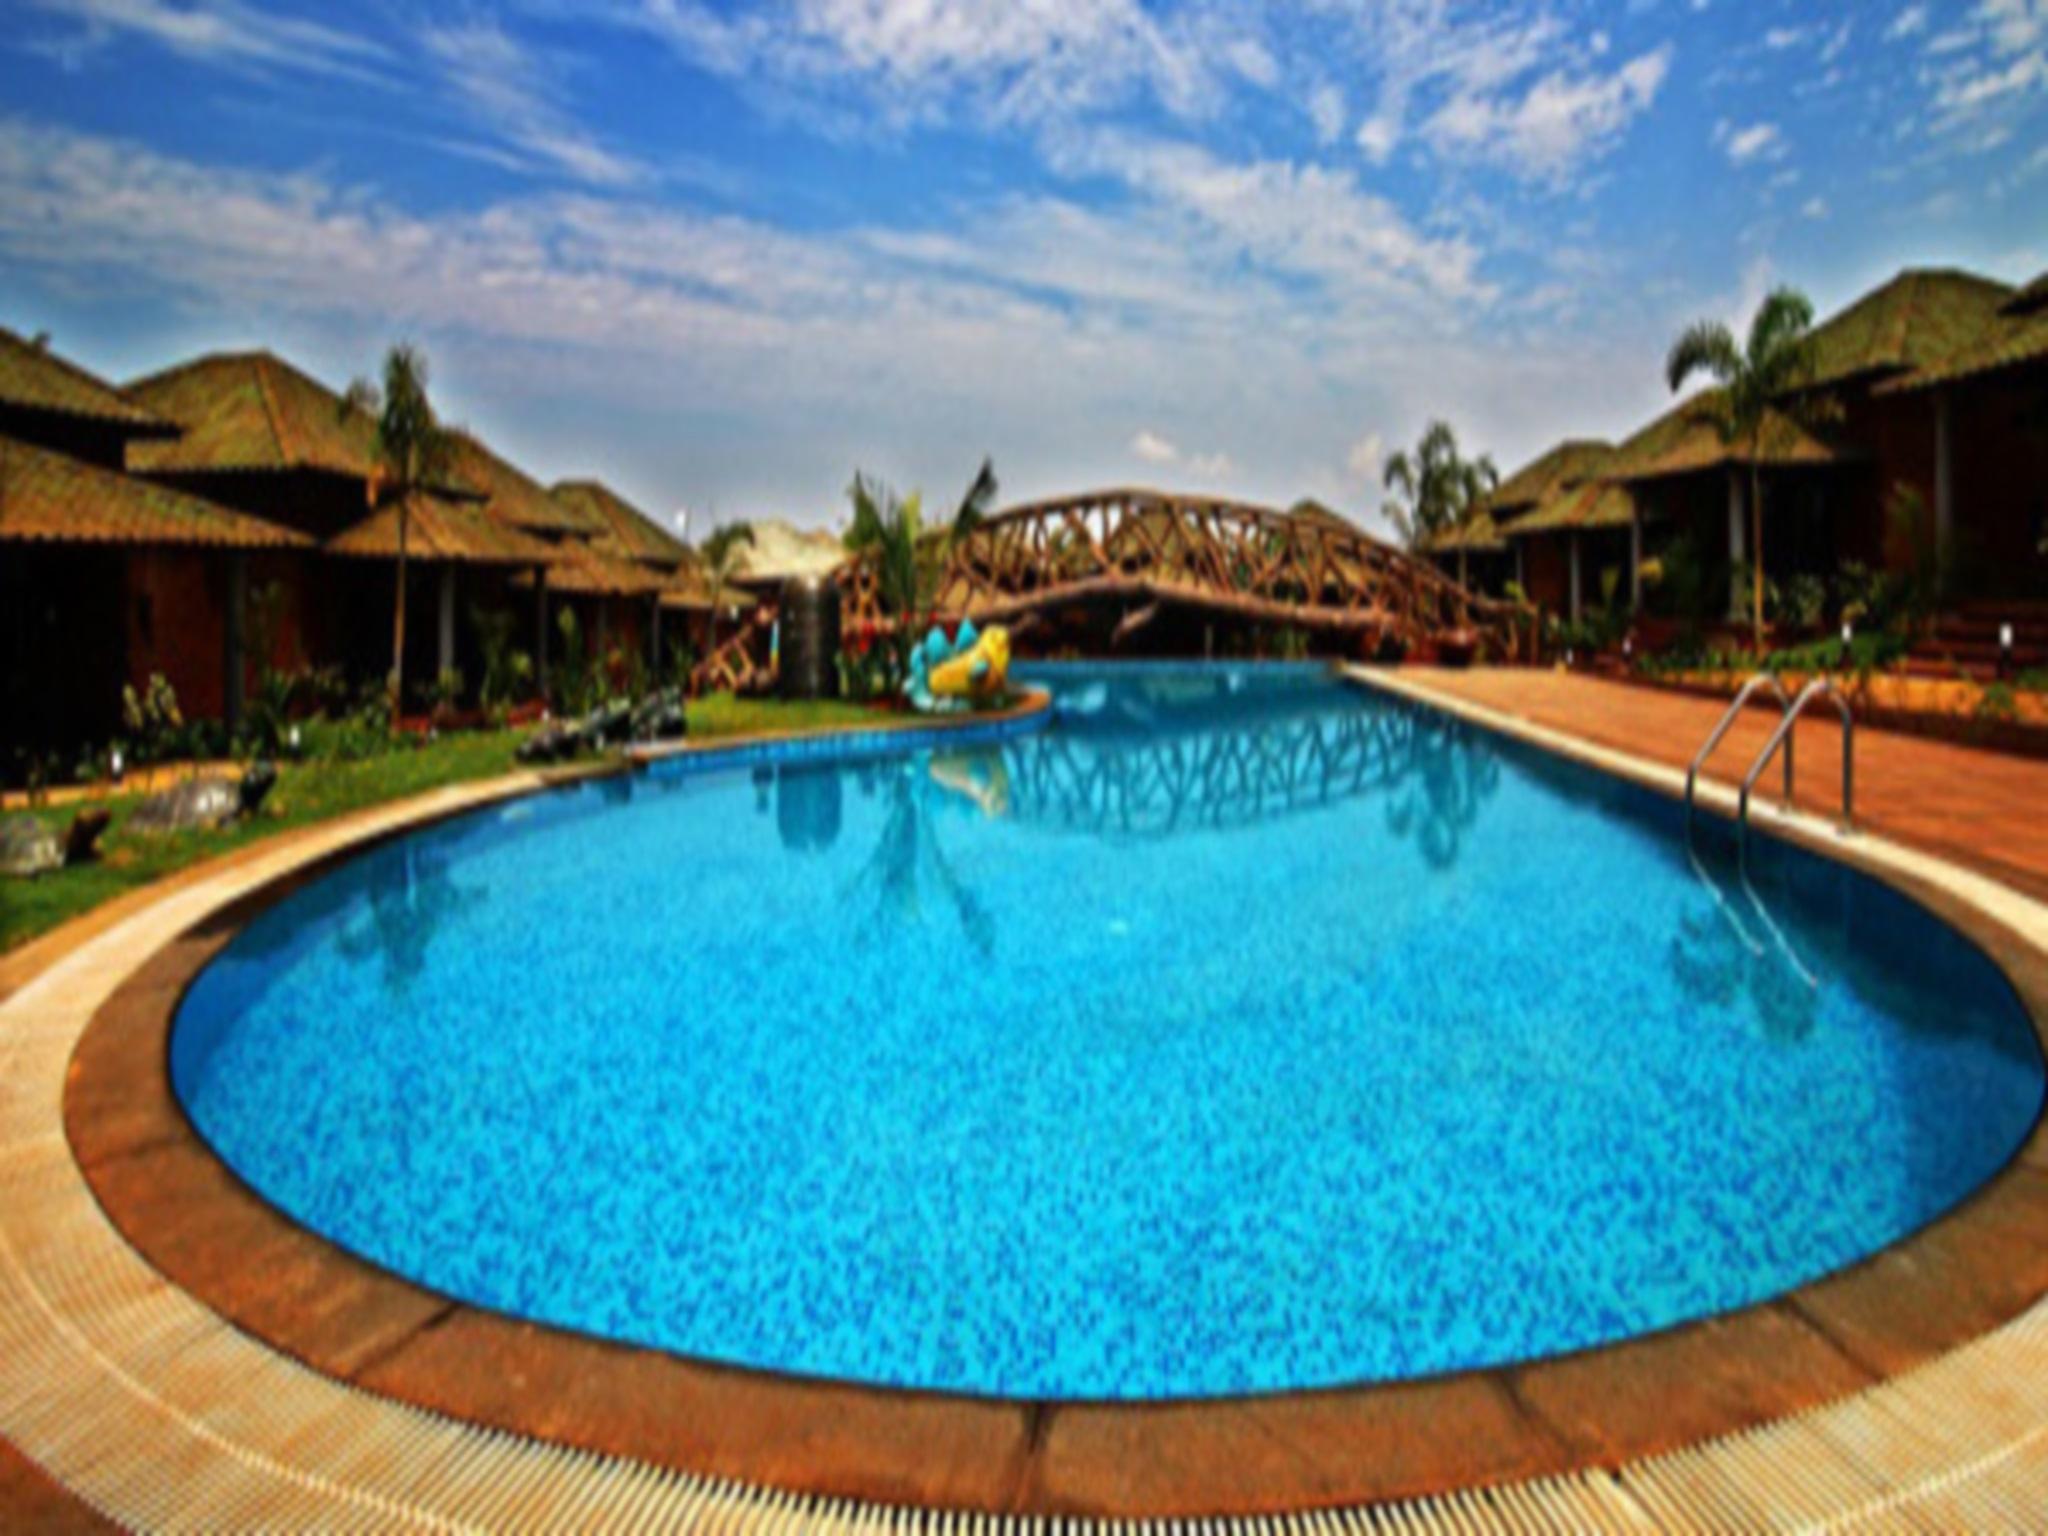 Samruddhi Sanskruti Resorts